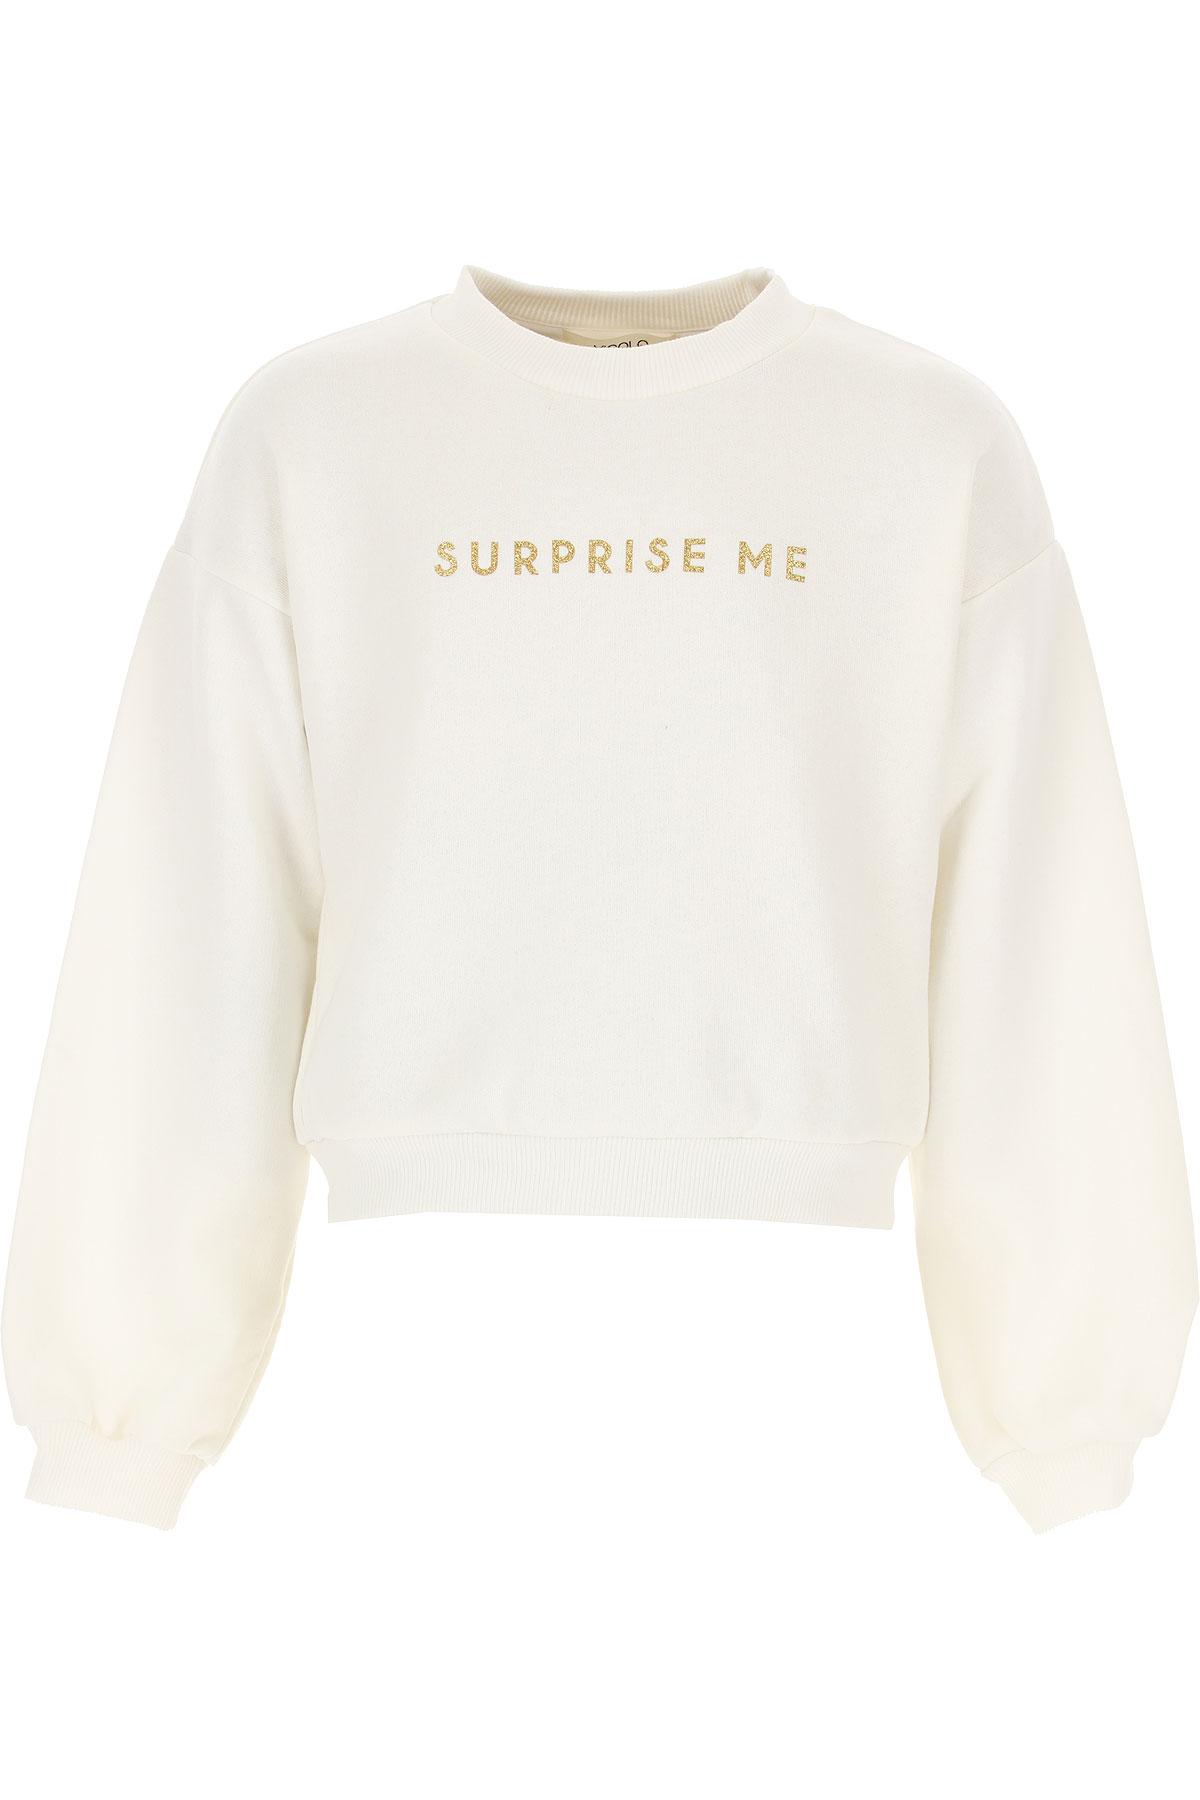 Vicolo Kids Sweatshirts & Hoodies for Girls On Sale, Milk, Cotton, 2019, 10Y 12Y 6Y